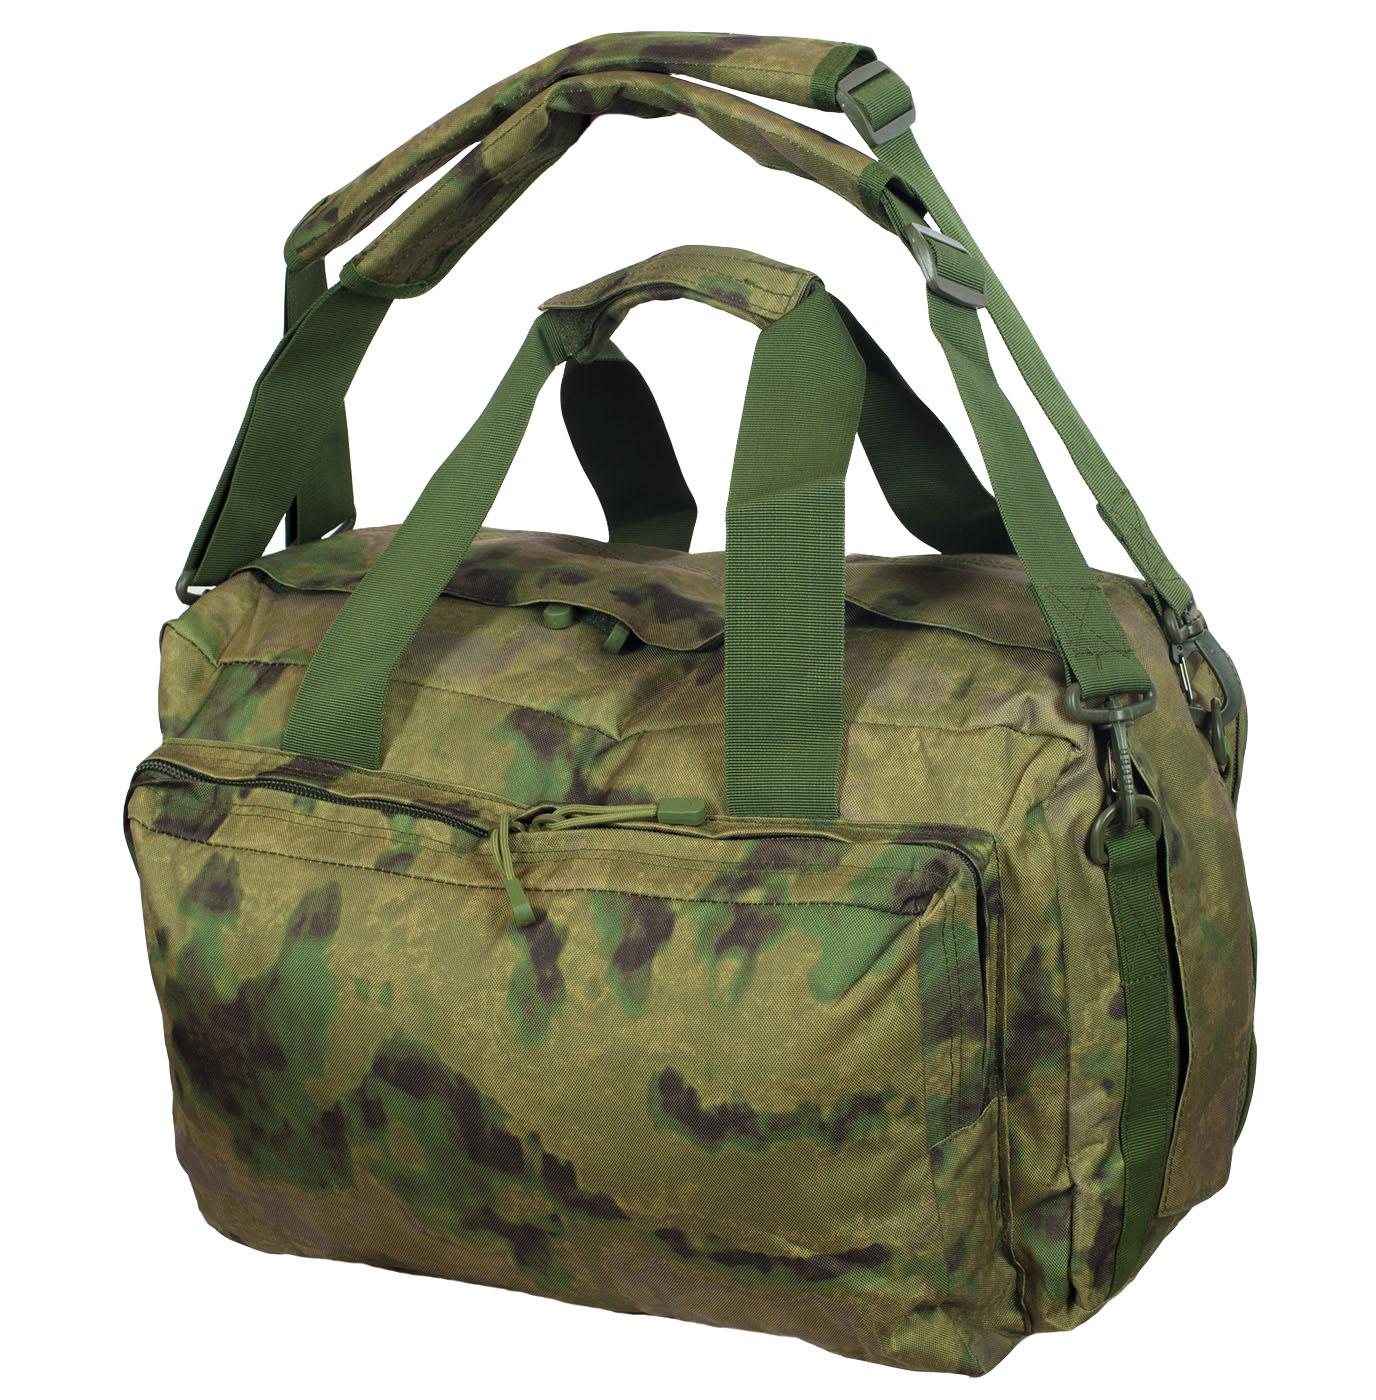 Тактическая камуфляжная сумка с нашивкой ДПС - купить оптом